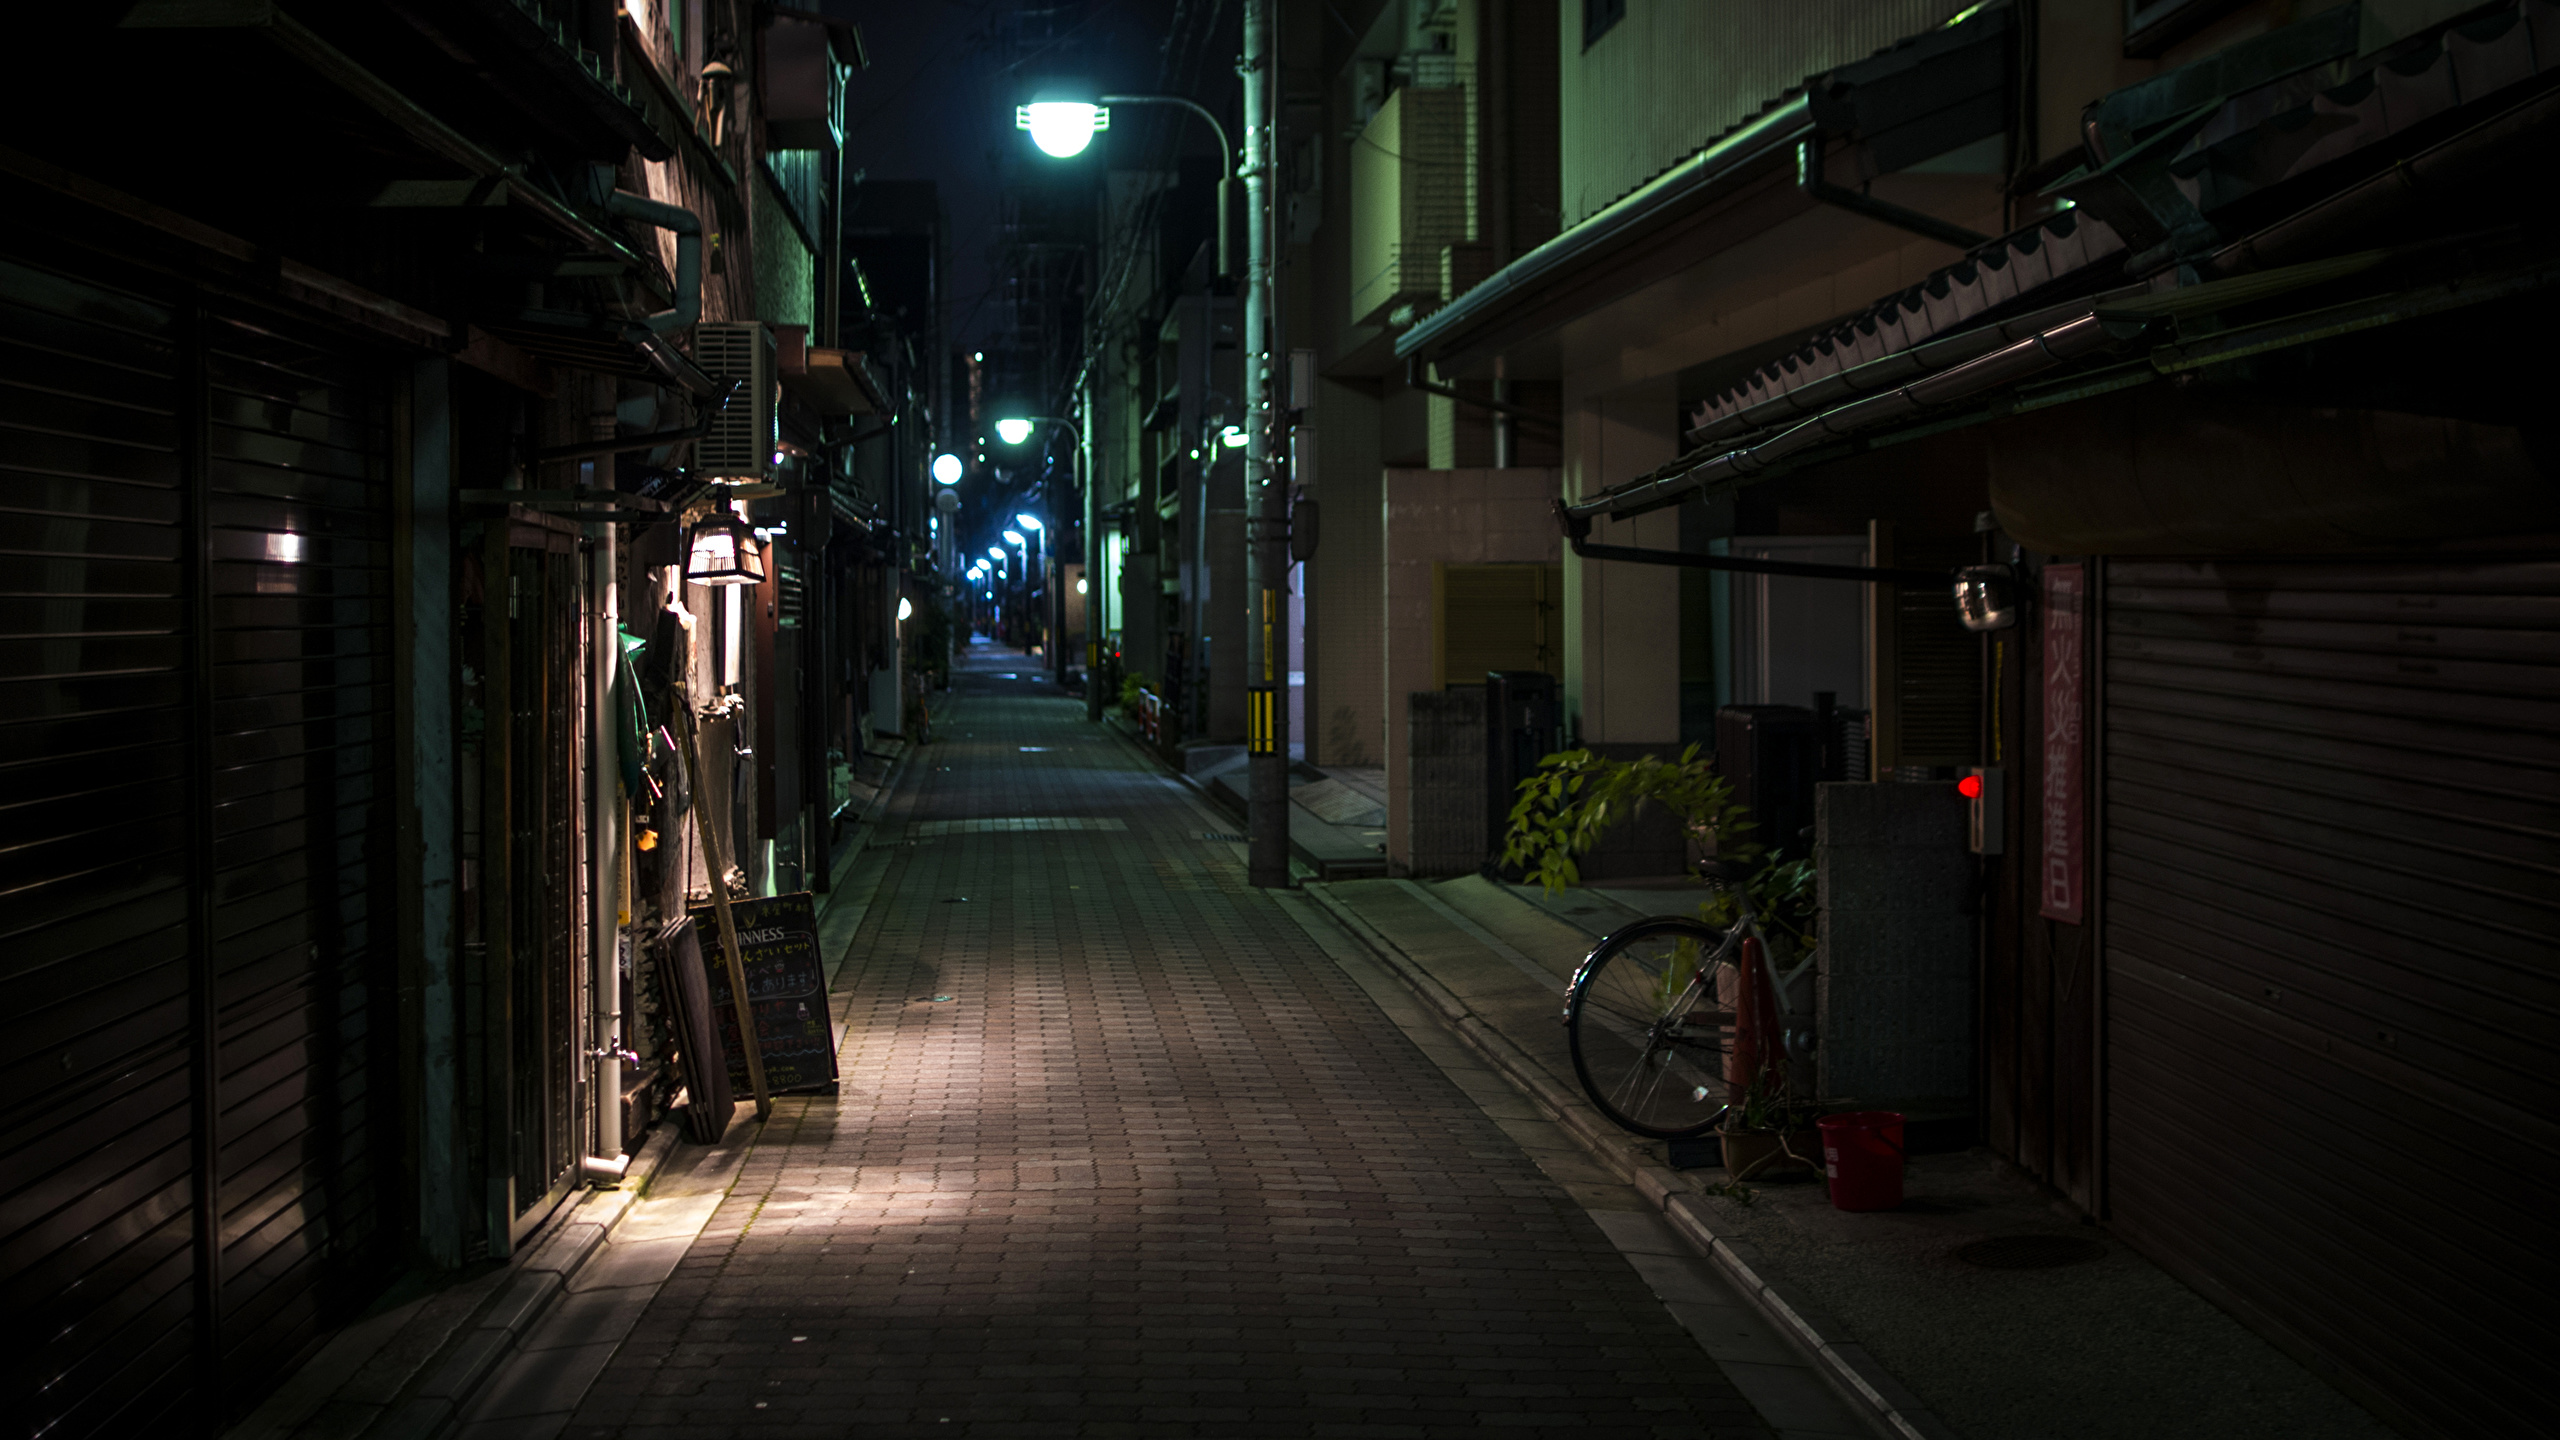 Ночные улицы фото